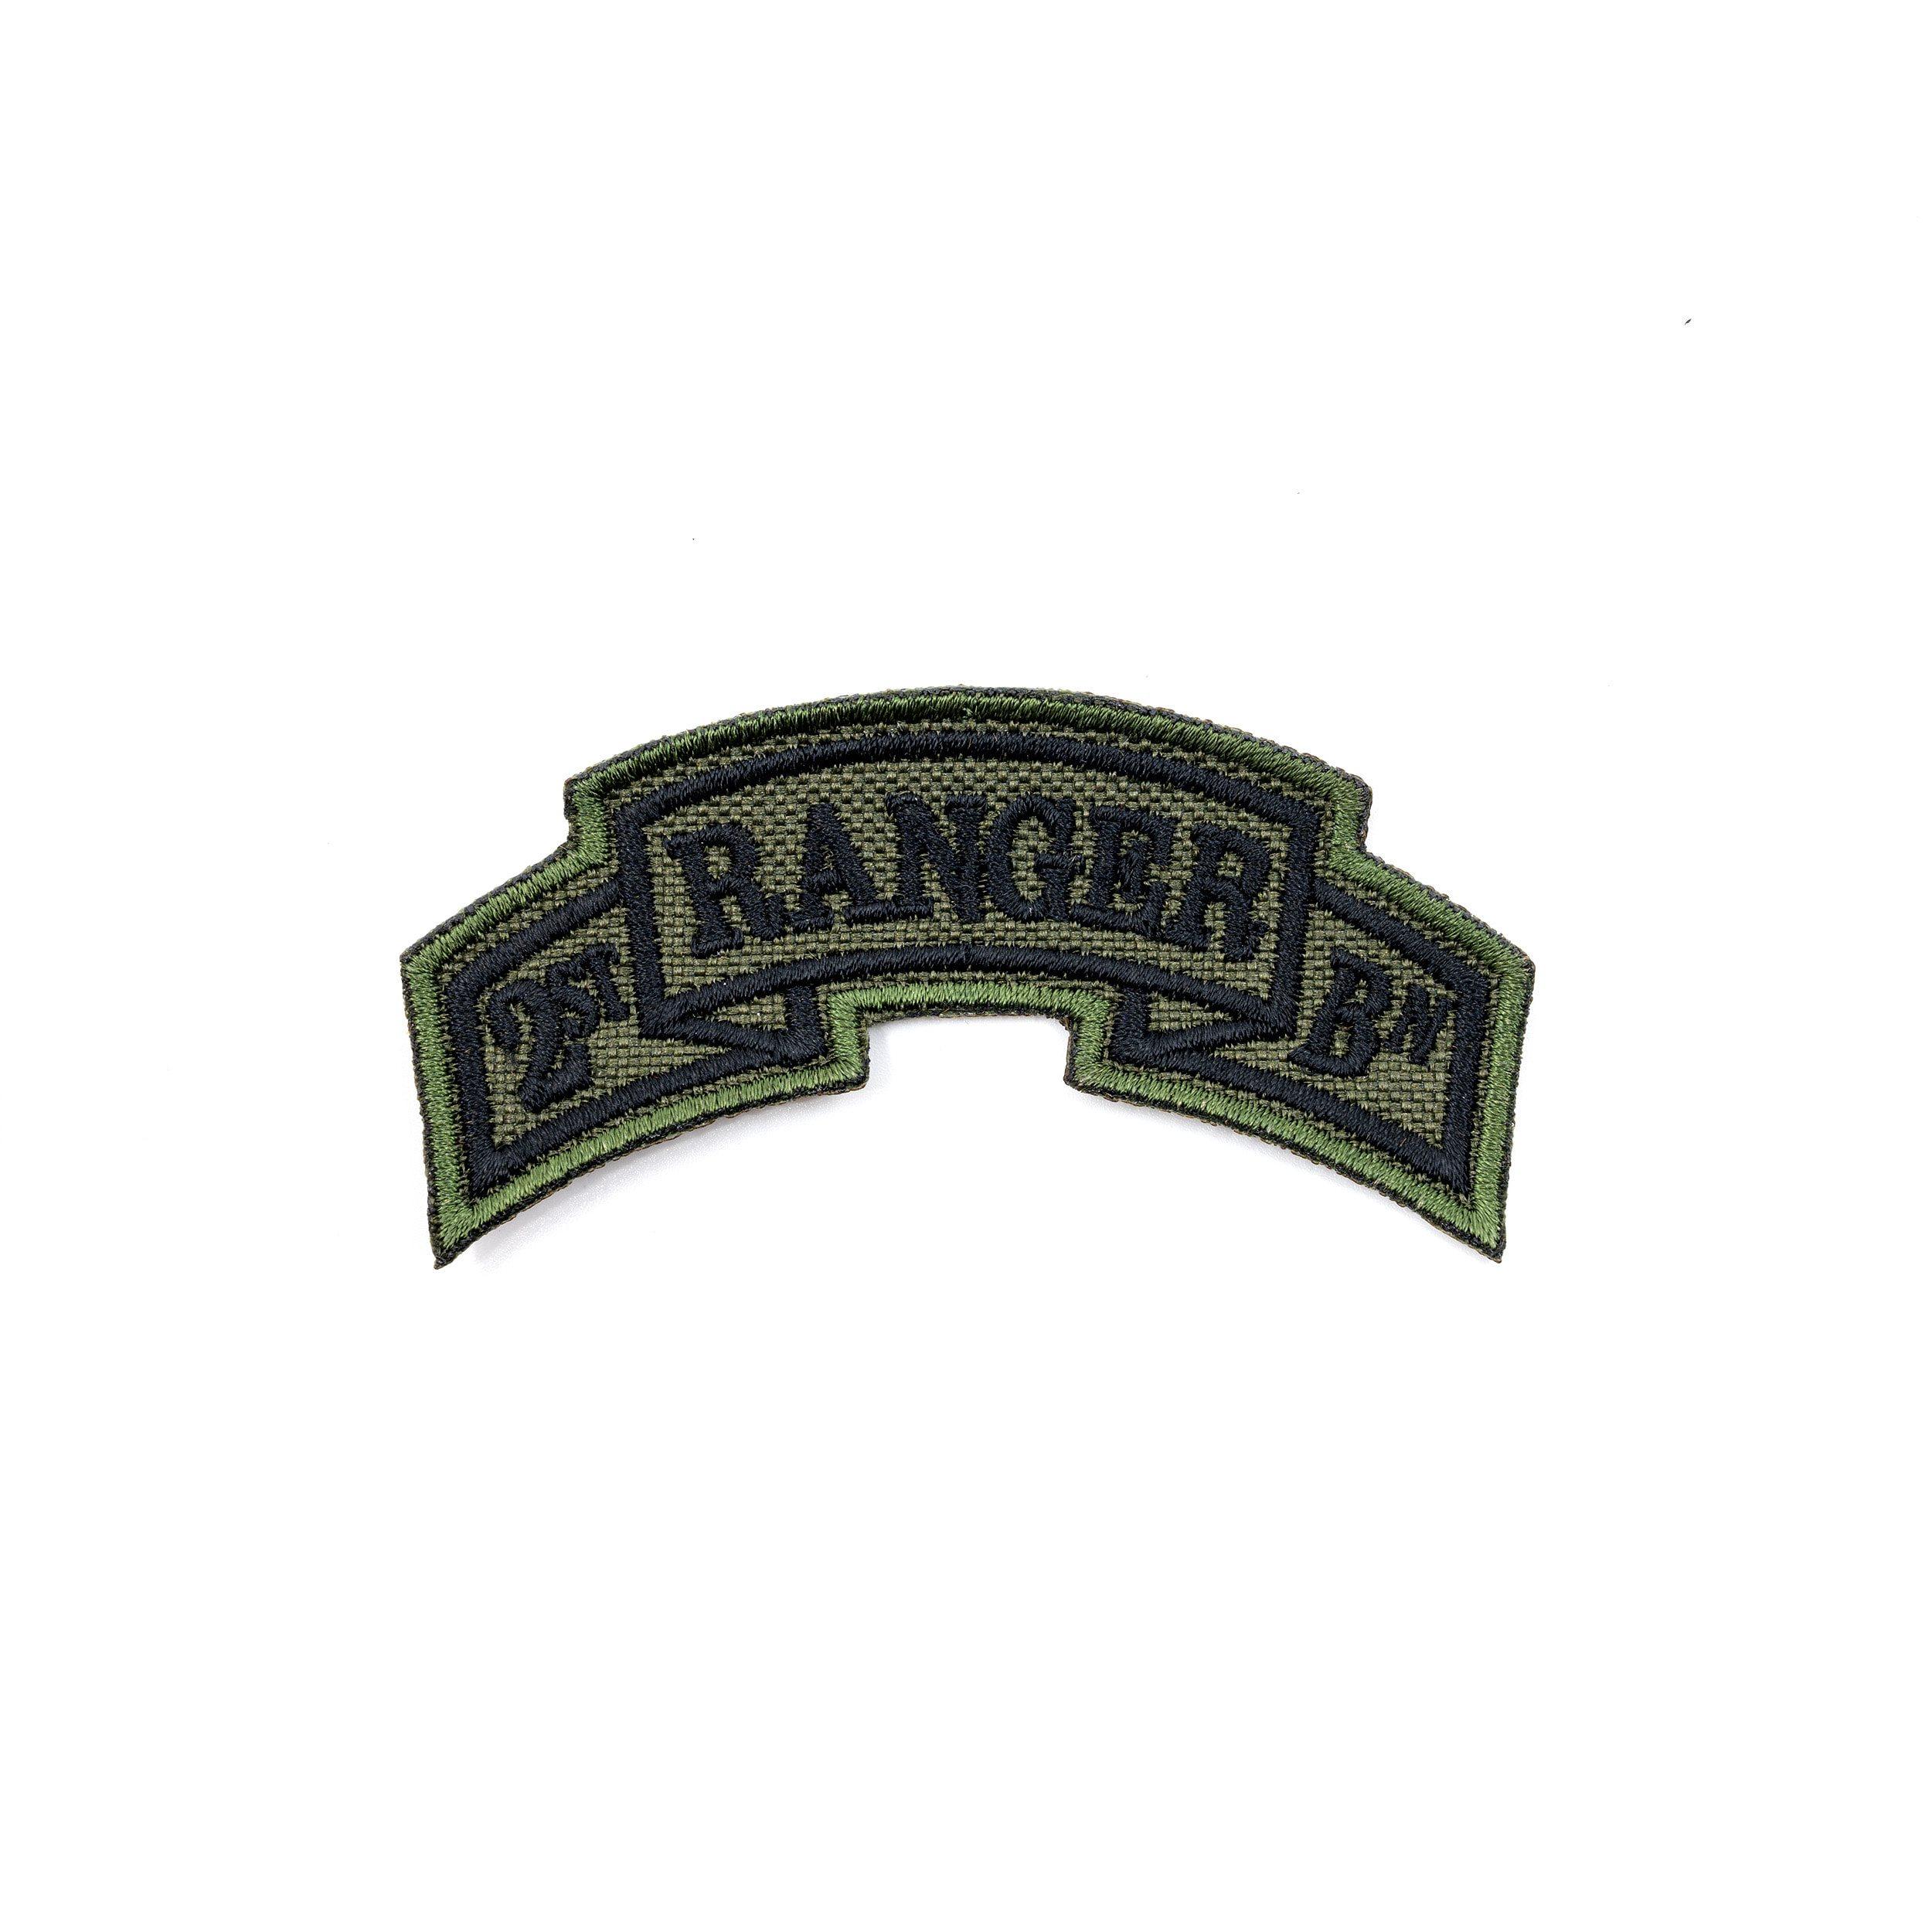 Patch arch 1st Ranger Battalion - OLIVE NAVYS E-16 L-11